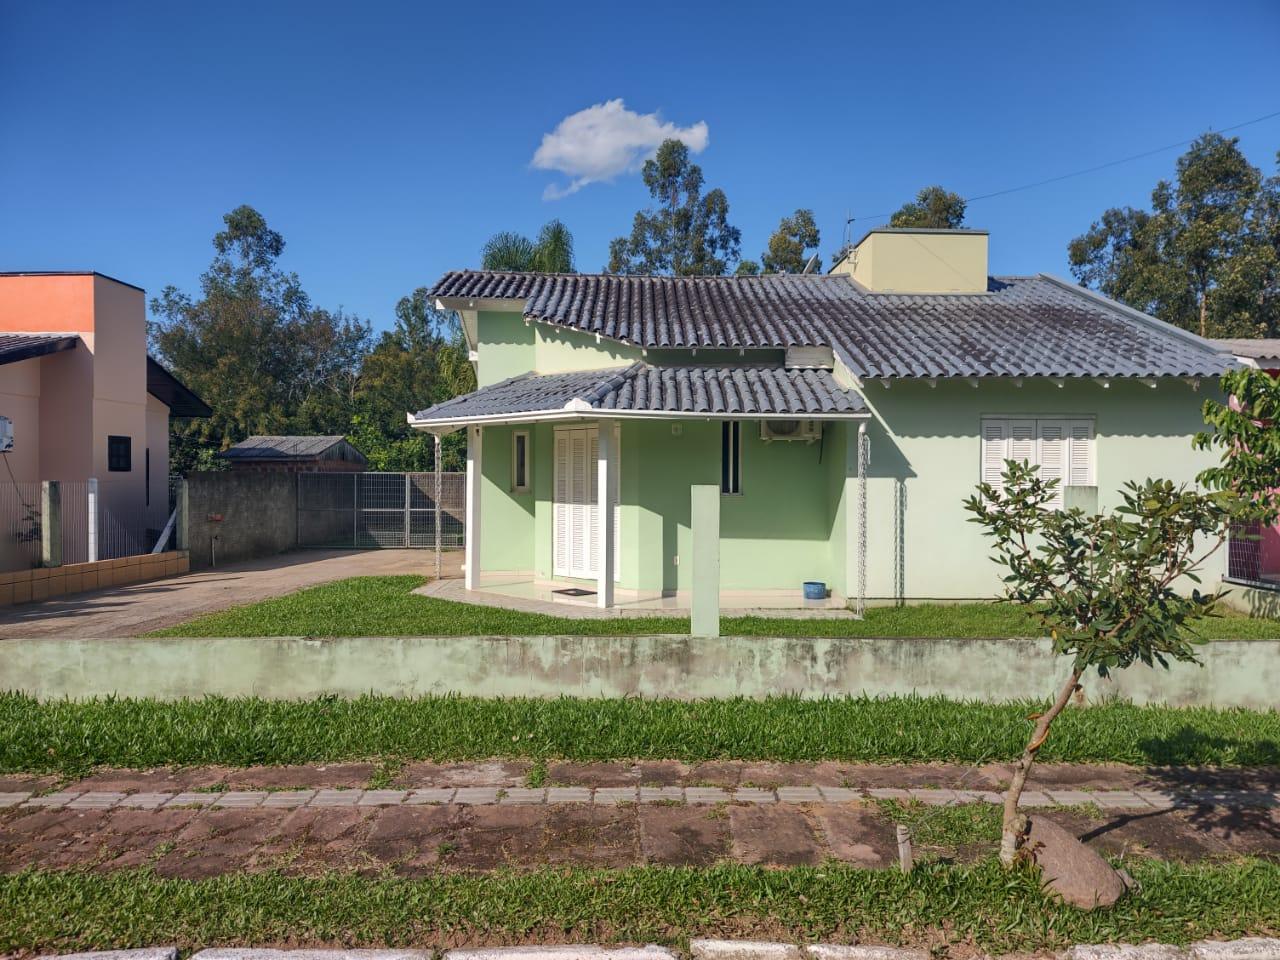 Fotos do imóvel Vendo casa localiza no Centro de Araricá - Sparrenberger Imóveis